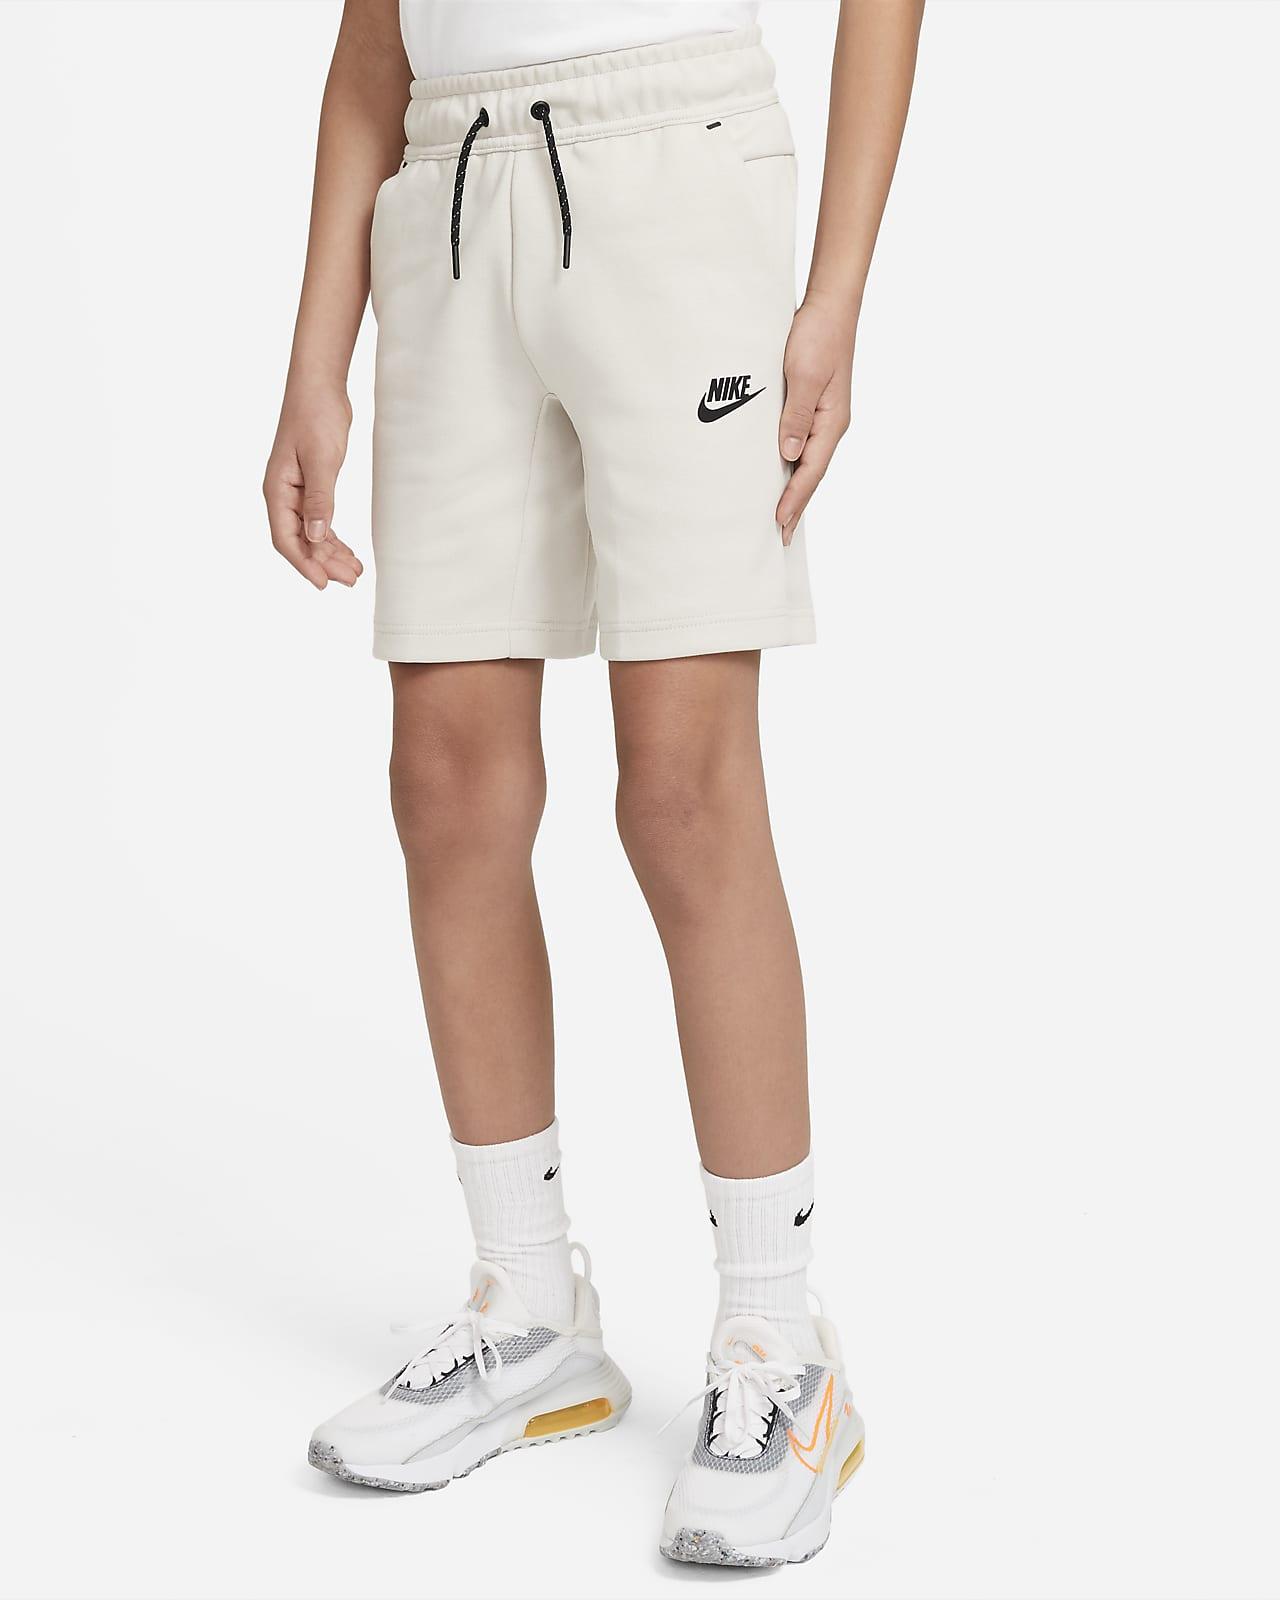 Nike Sportswear Tech Fleece Genç Çocuk (Erkek) Şortu